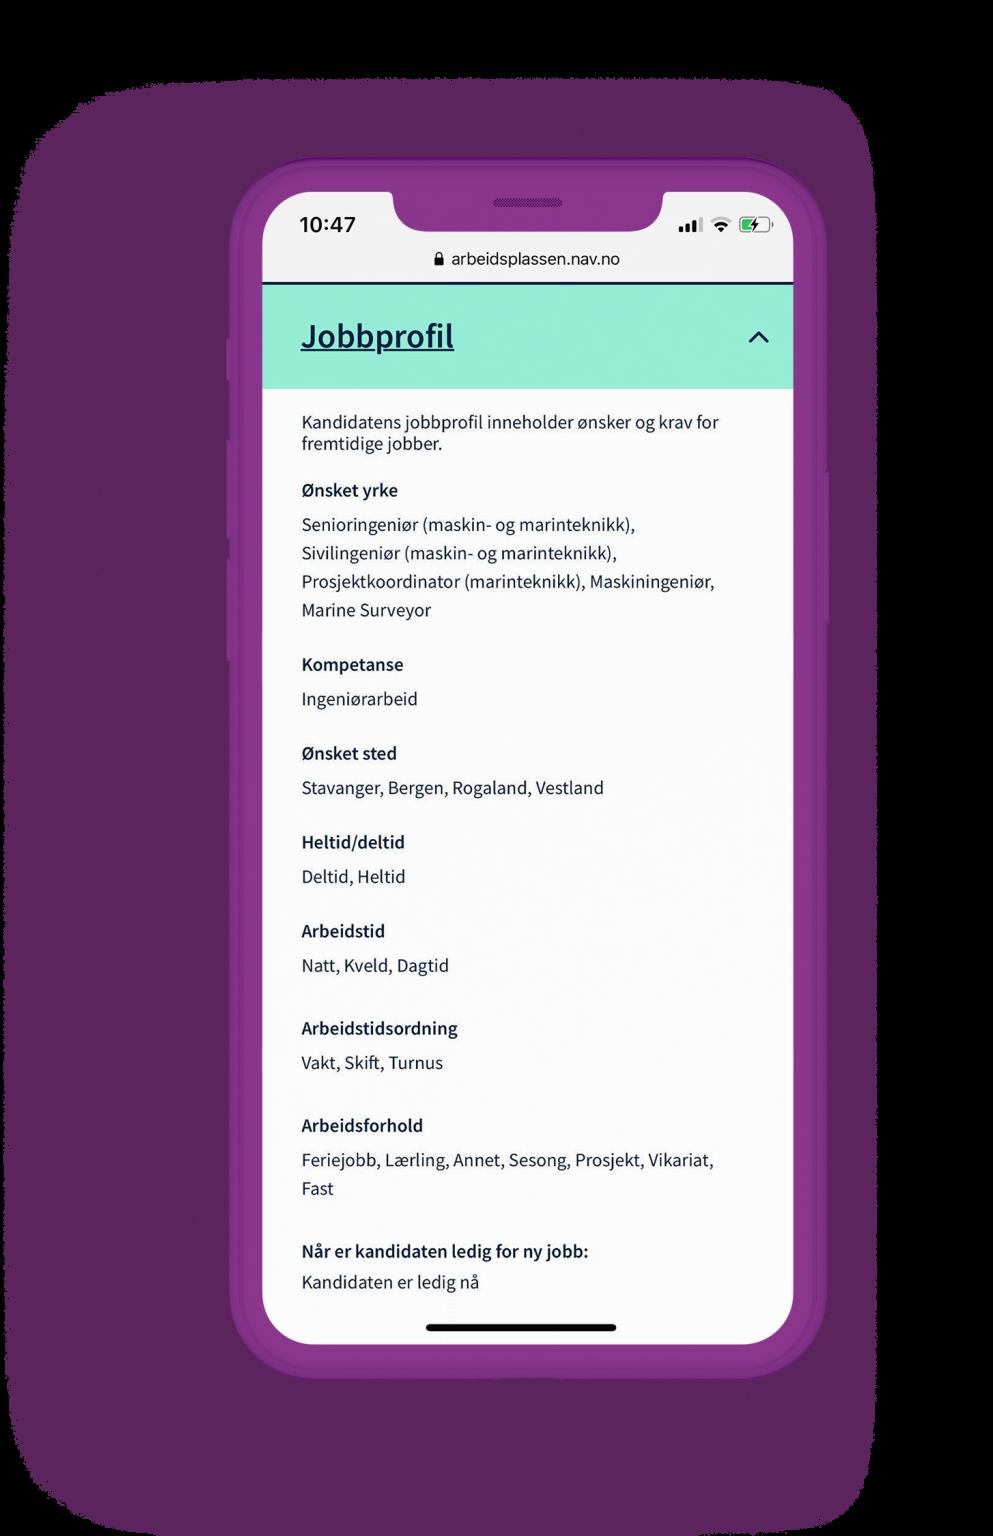 Illustrasjon av hvordan jobbprofilen ser ut på telefon.